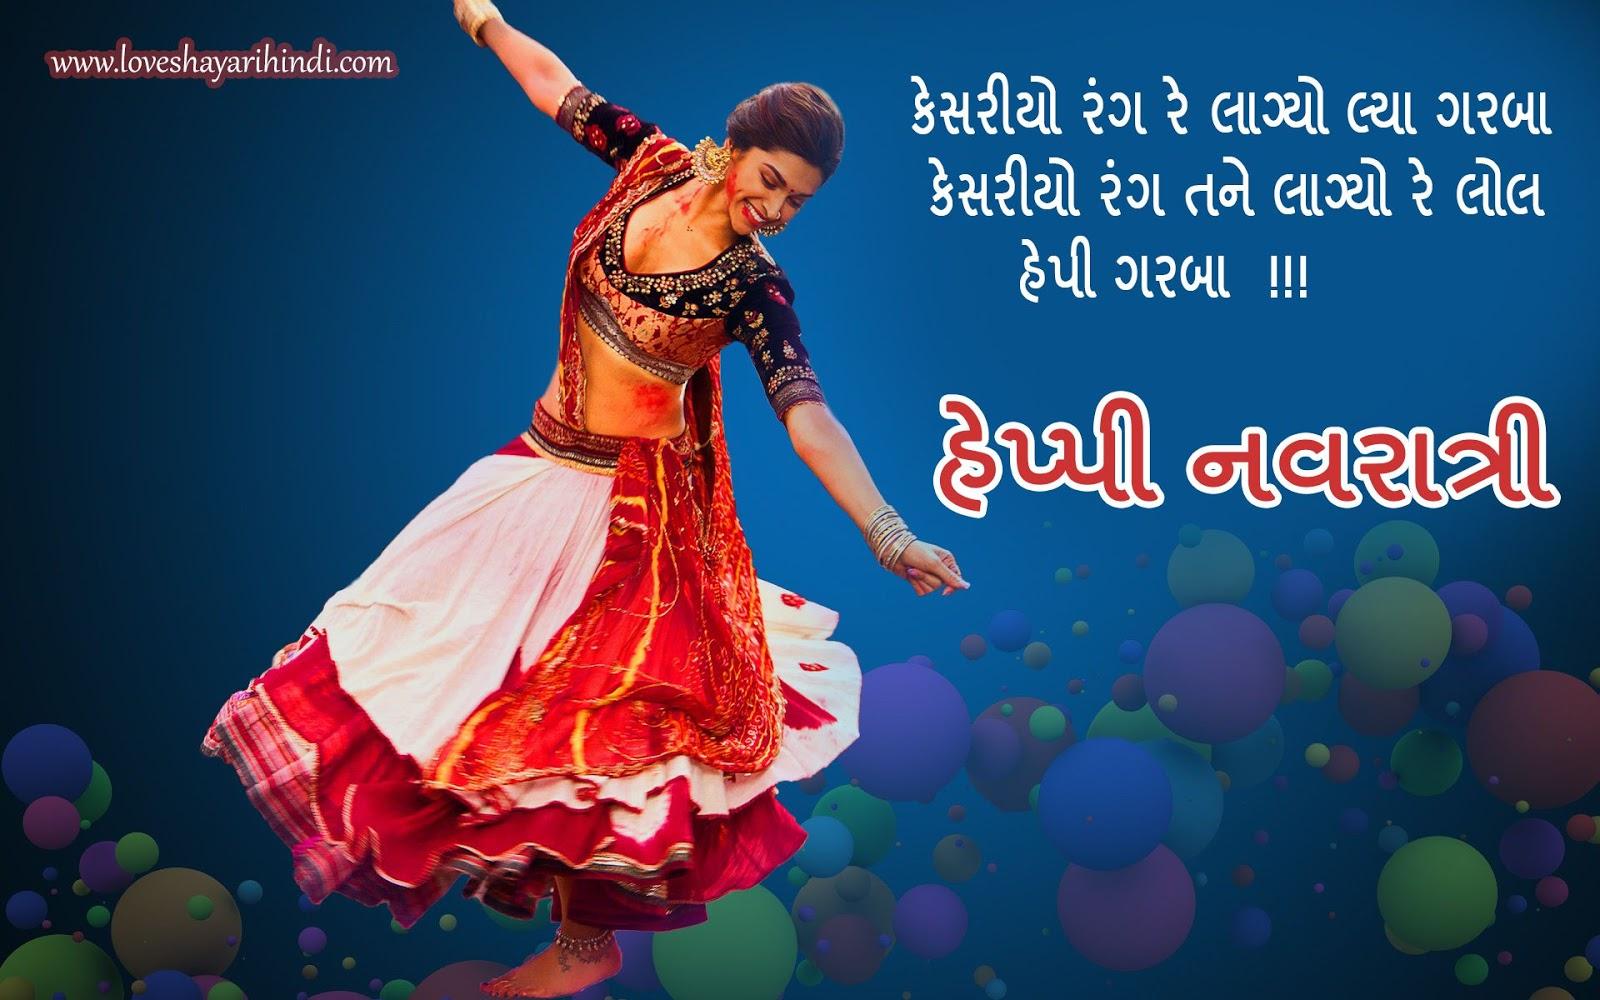 હેપ્પી નવરાત્રી, ગુજરાતી શાયરી | Happy Navratri Wishes, Quotes & SMS in Gujarati |